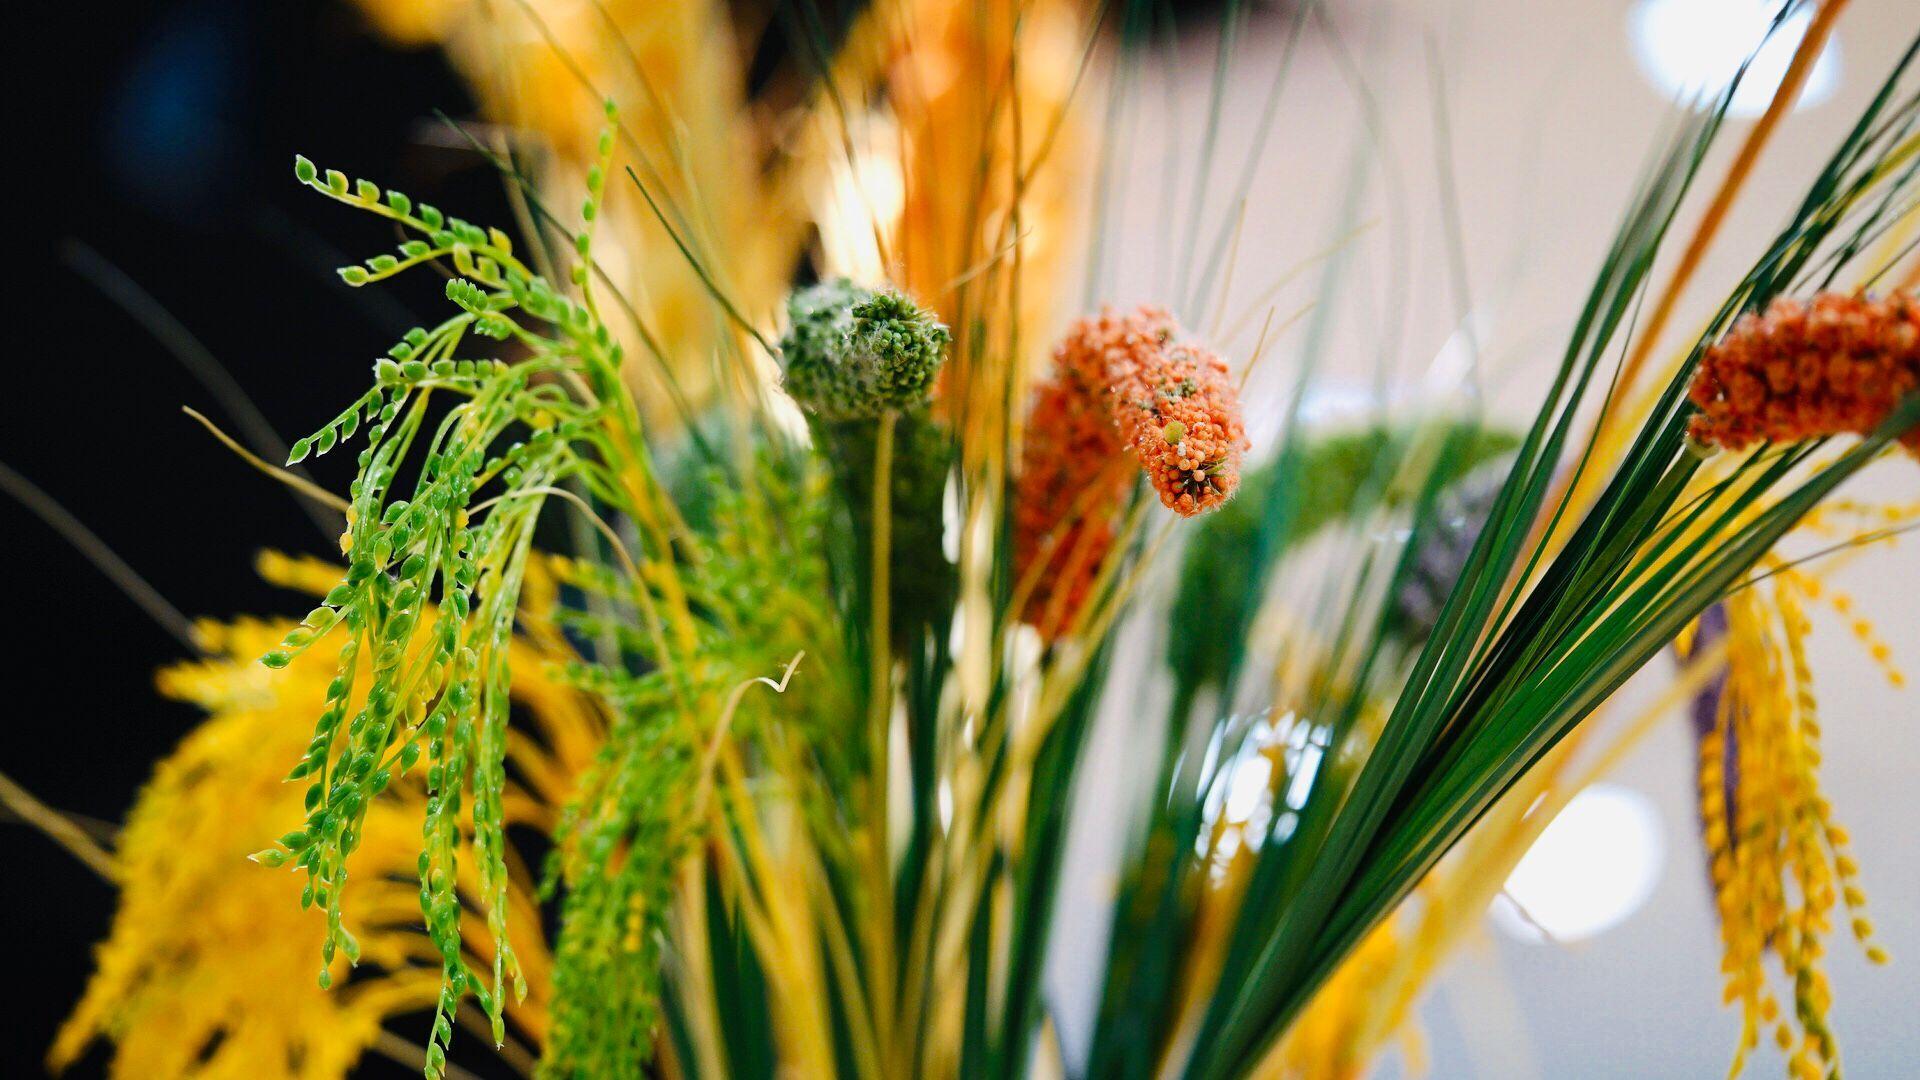 世界粮食计划署报告指出:全球粮食供应链暂未受影响